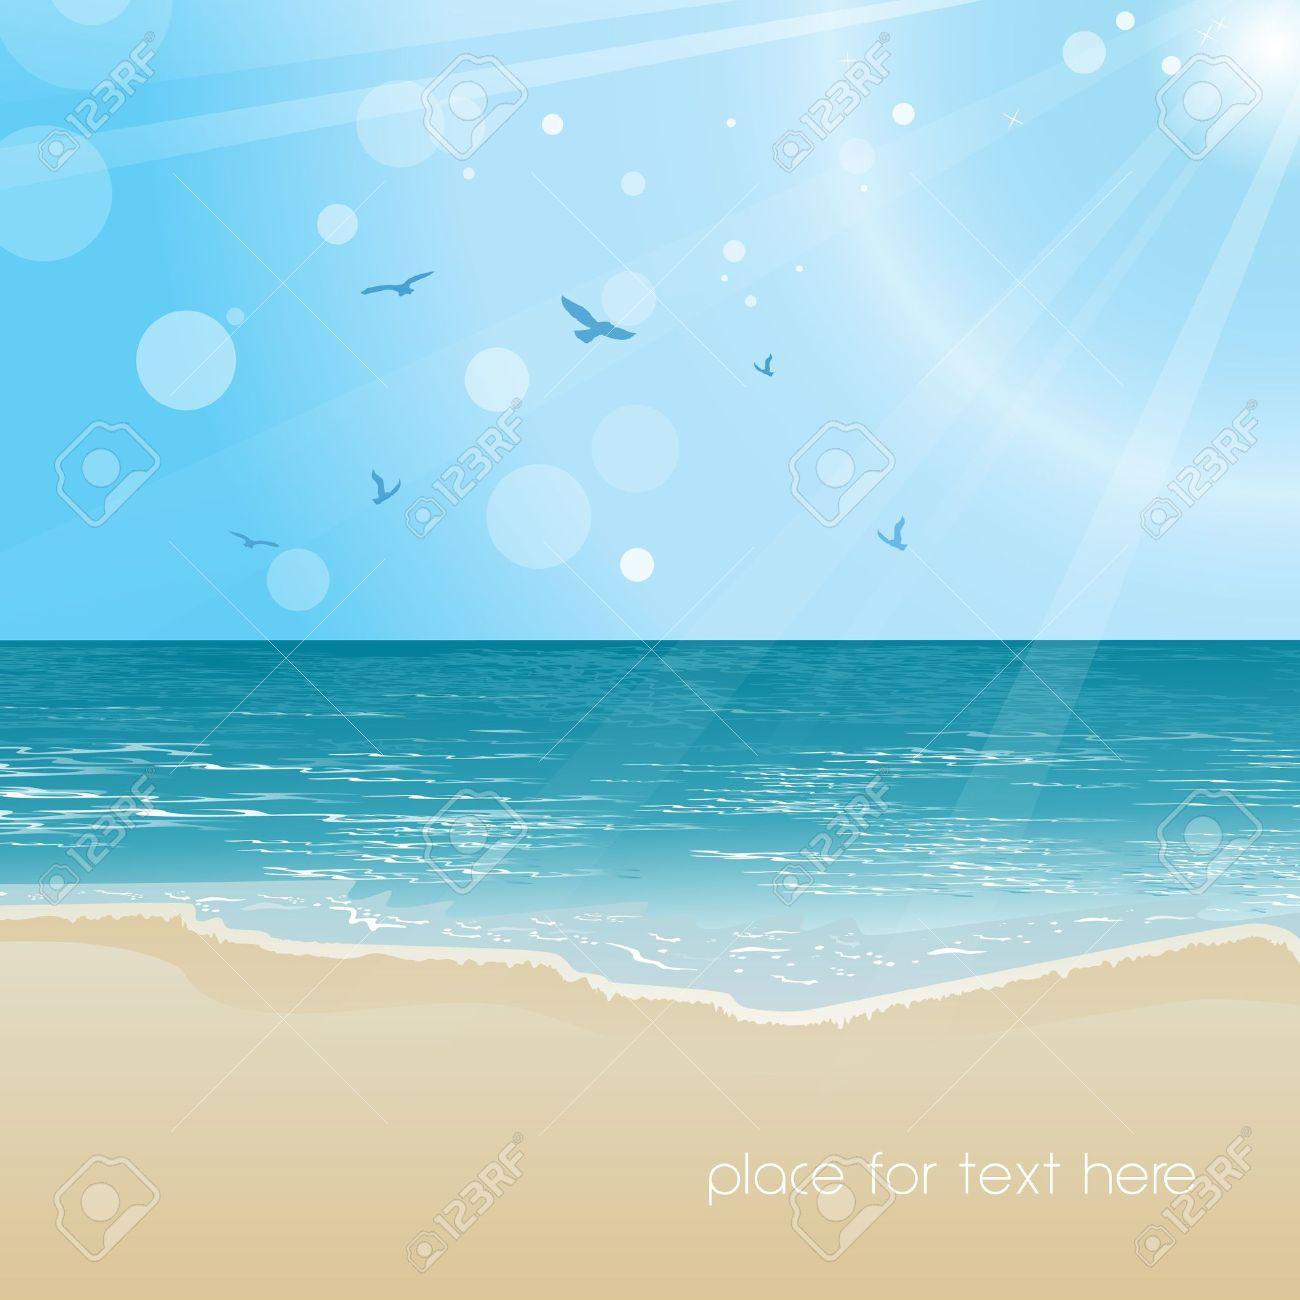 美しい海のビーチと空の背景イラスト ロイヤリティフリークリップ